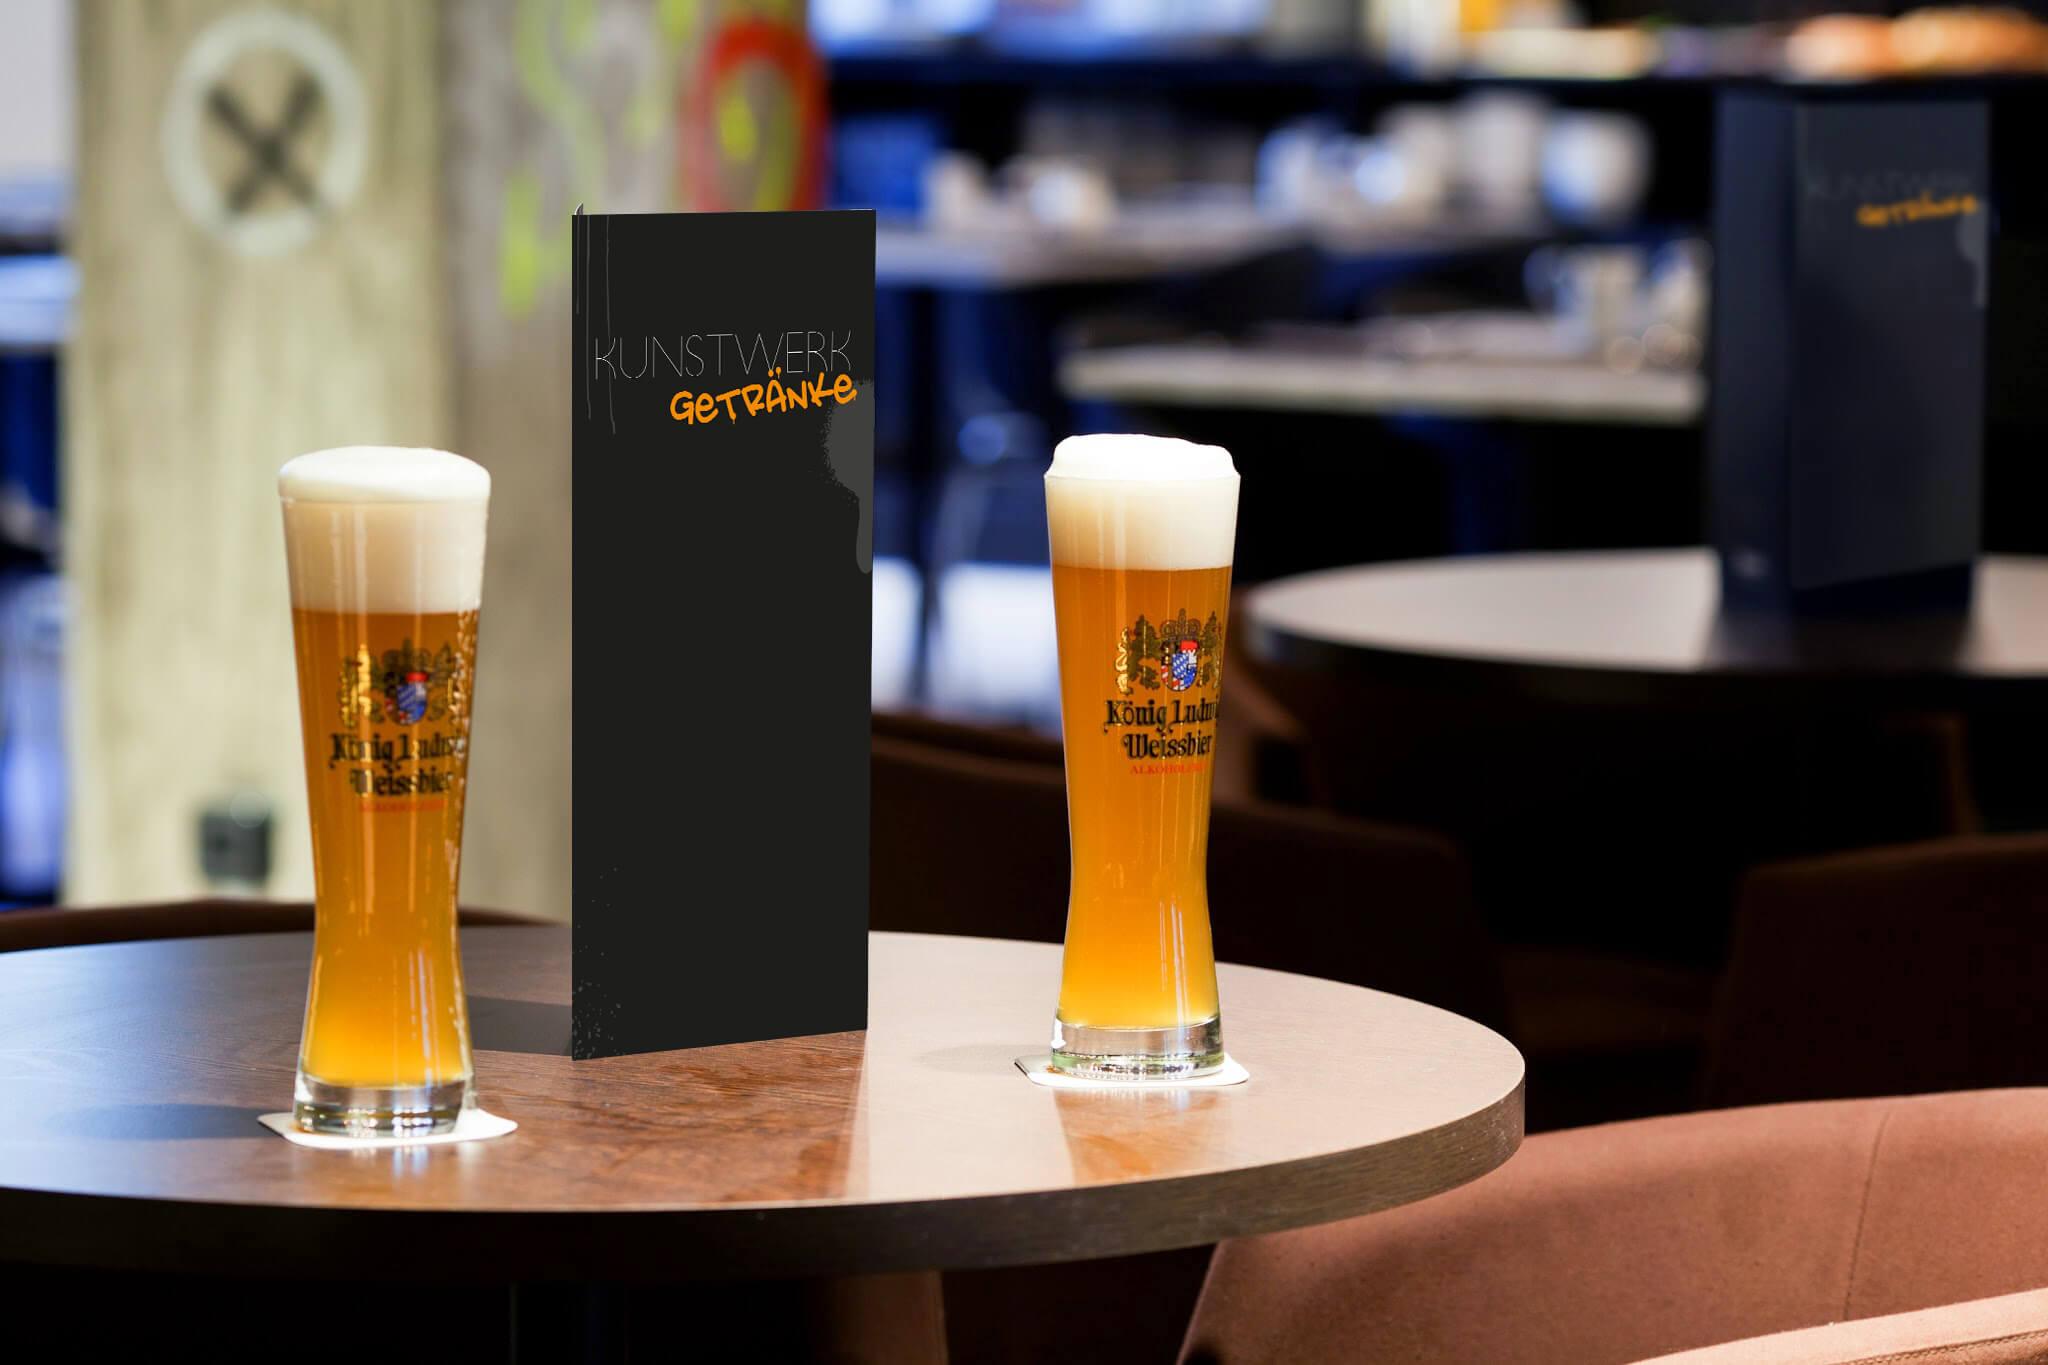 Restaurante berlin diseno - Comunicación para el nuevo Hotel Berlin Mitte